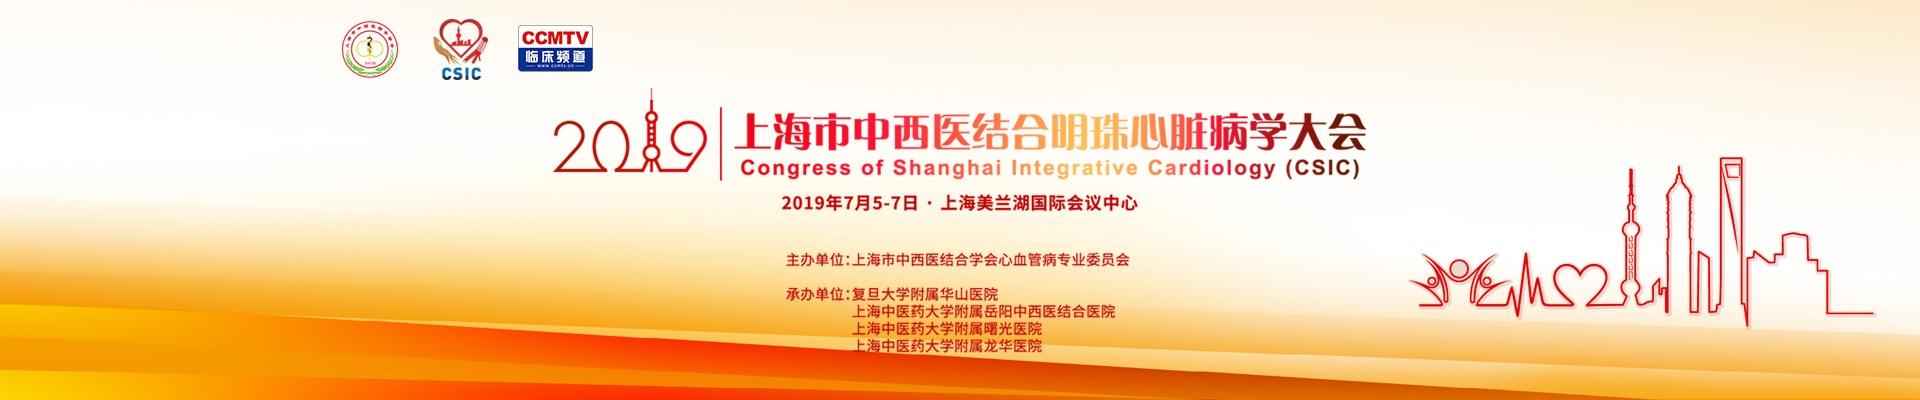 上海市中西医结合明珠心脏病学大会